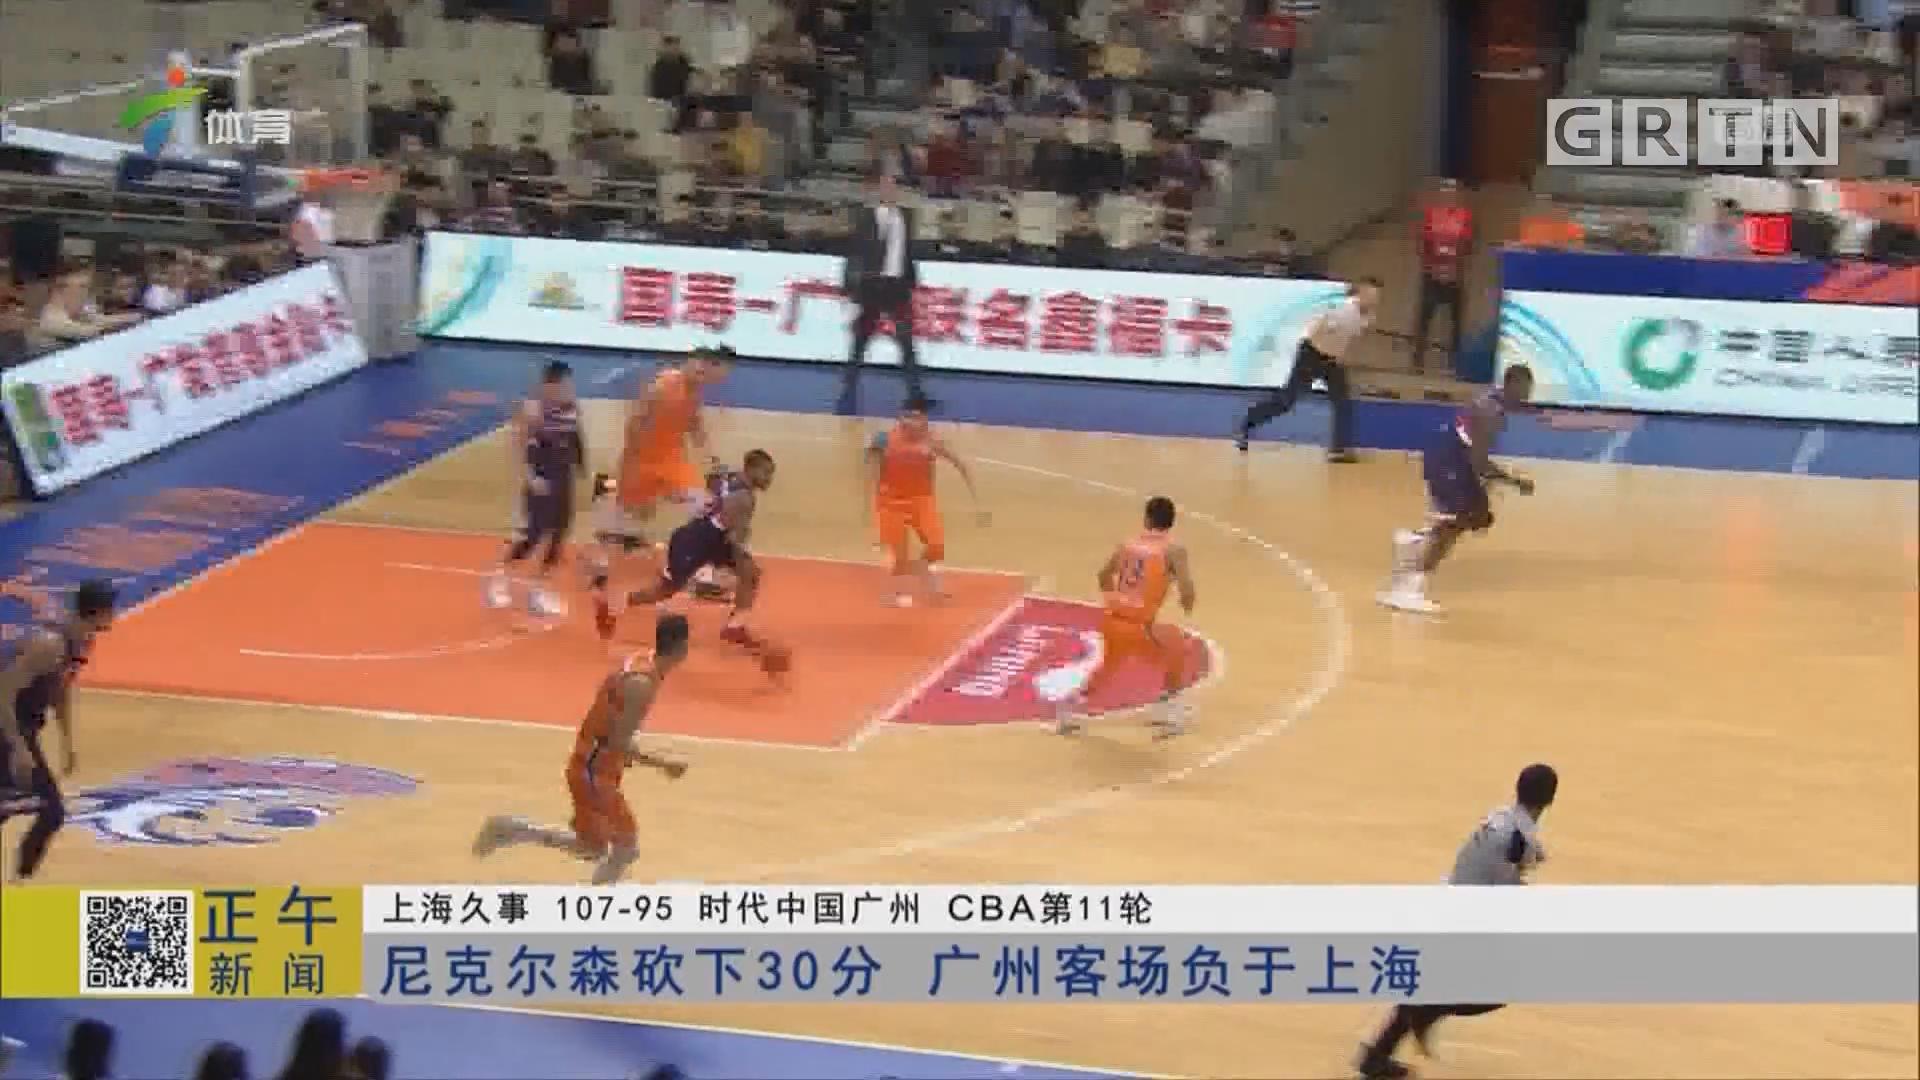 尼克尔森砍下30分 广州客场负于上海